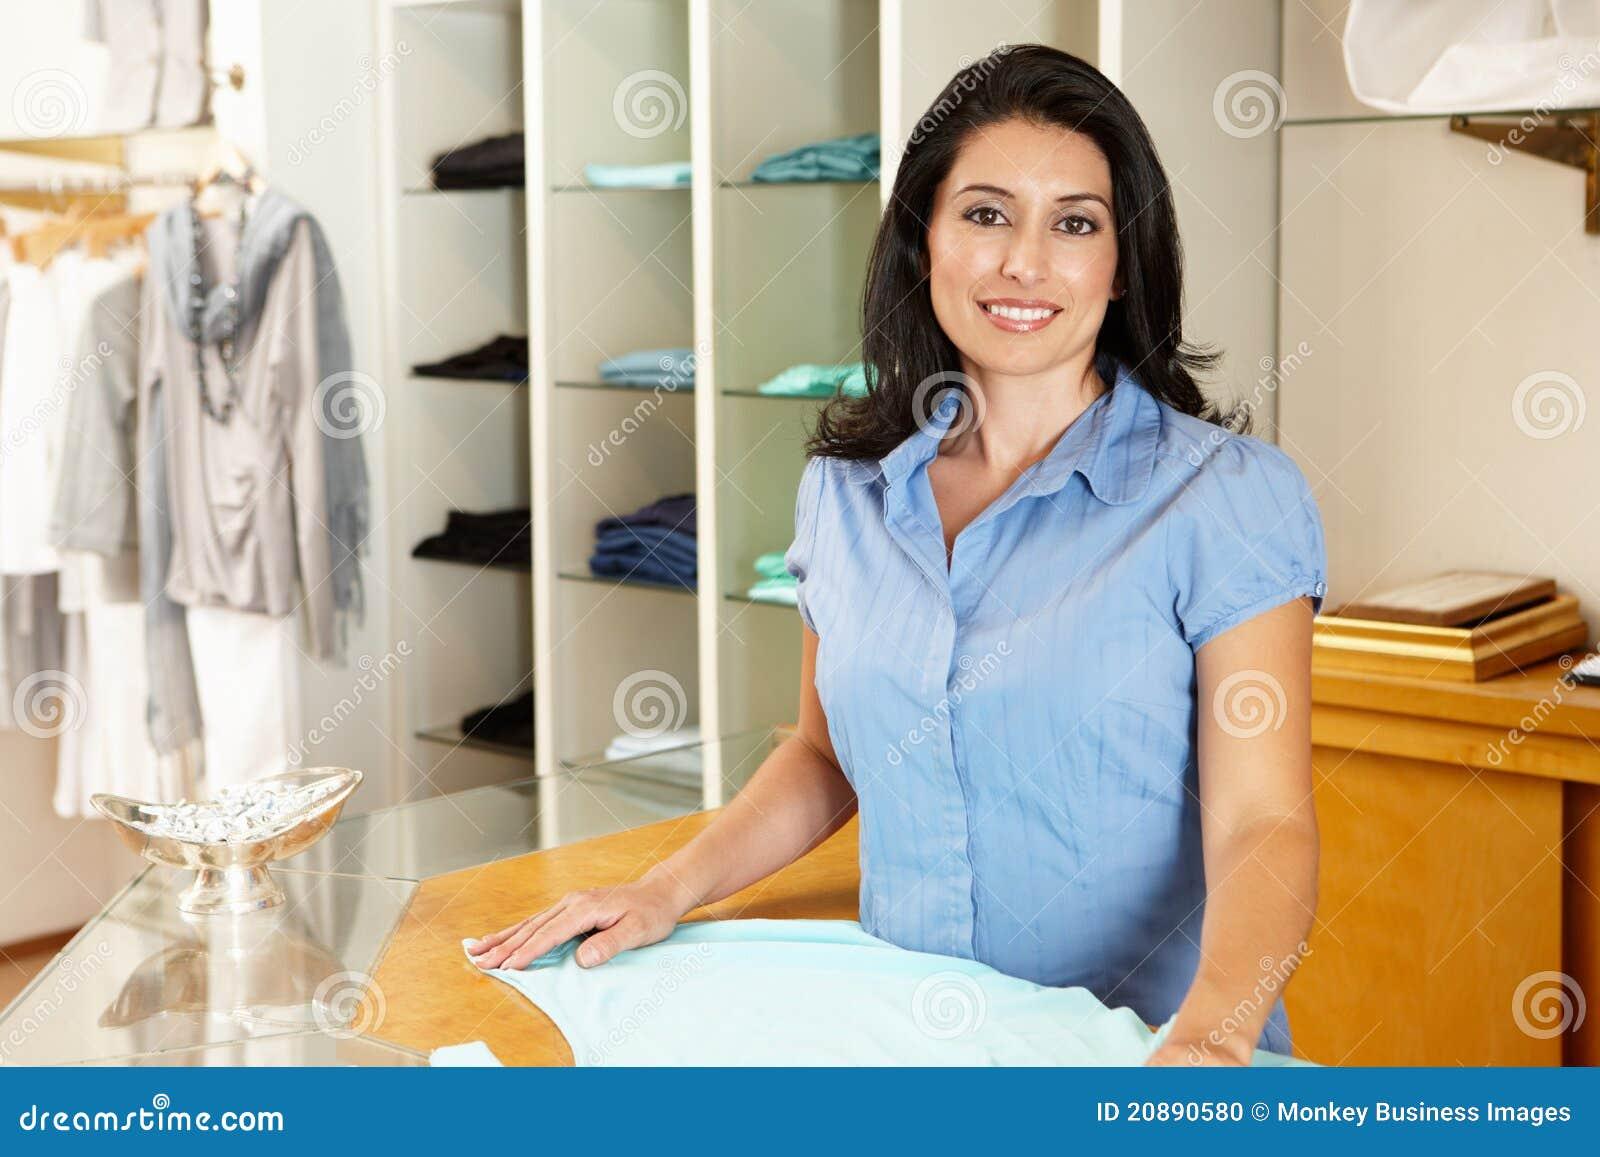 Hispanic clothing stores